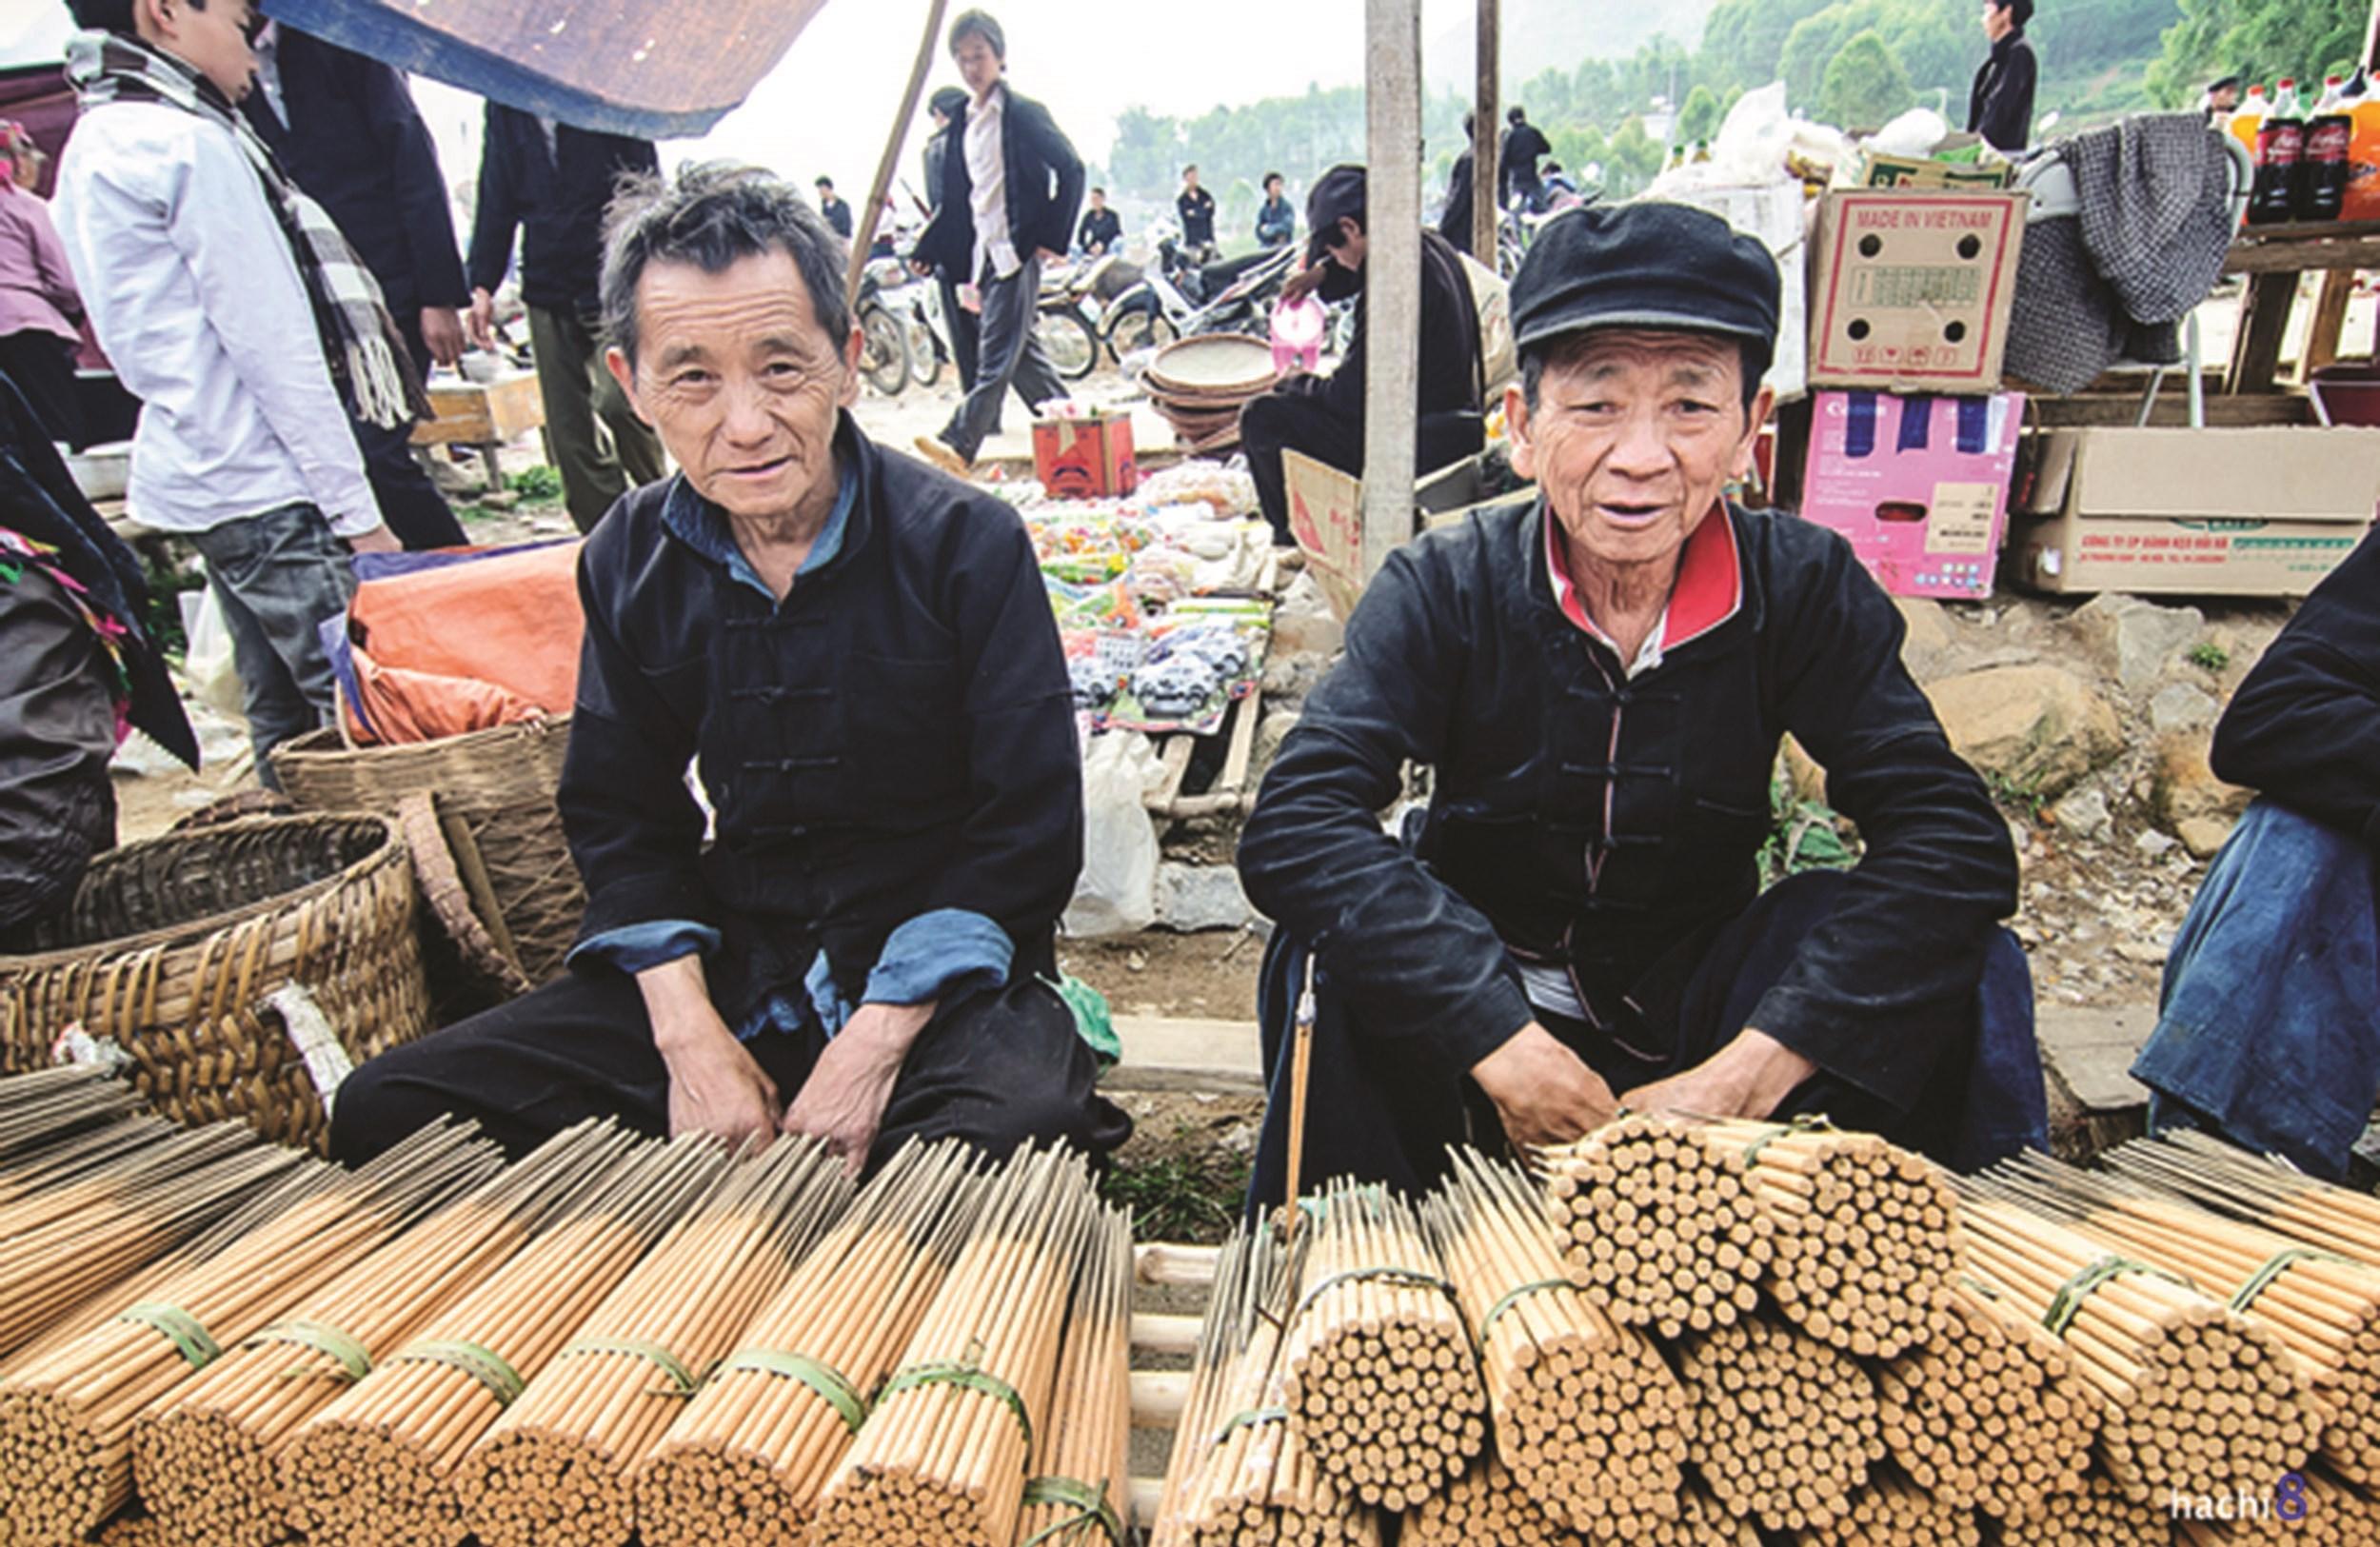 Hương trầm làm thủ công cũng được bày bán như một món hàng thiết yếu phục vụ dân bản